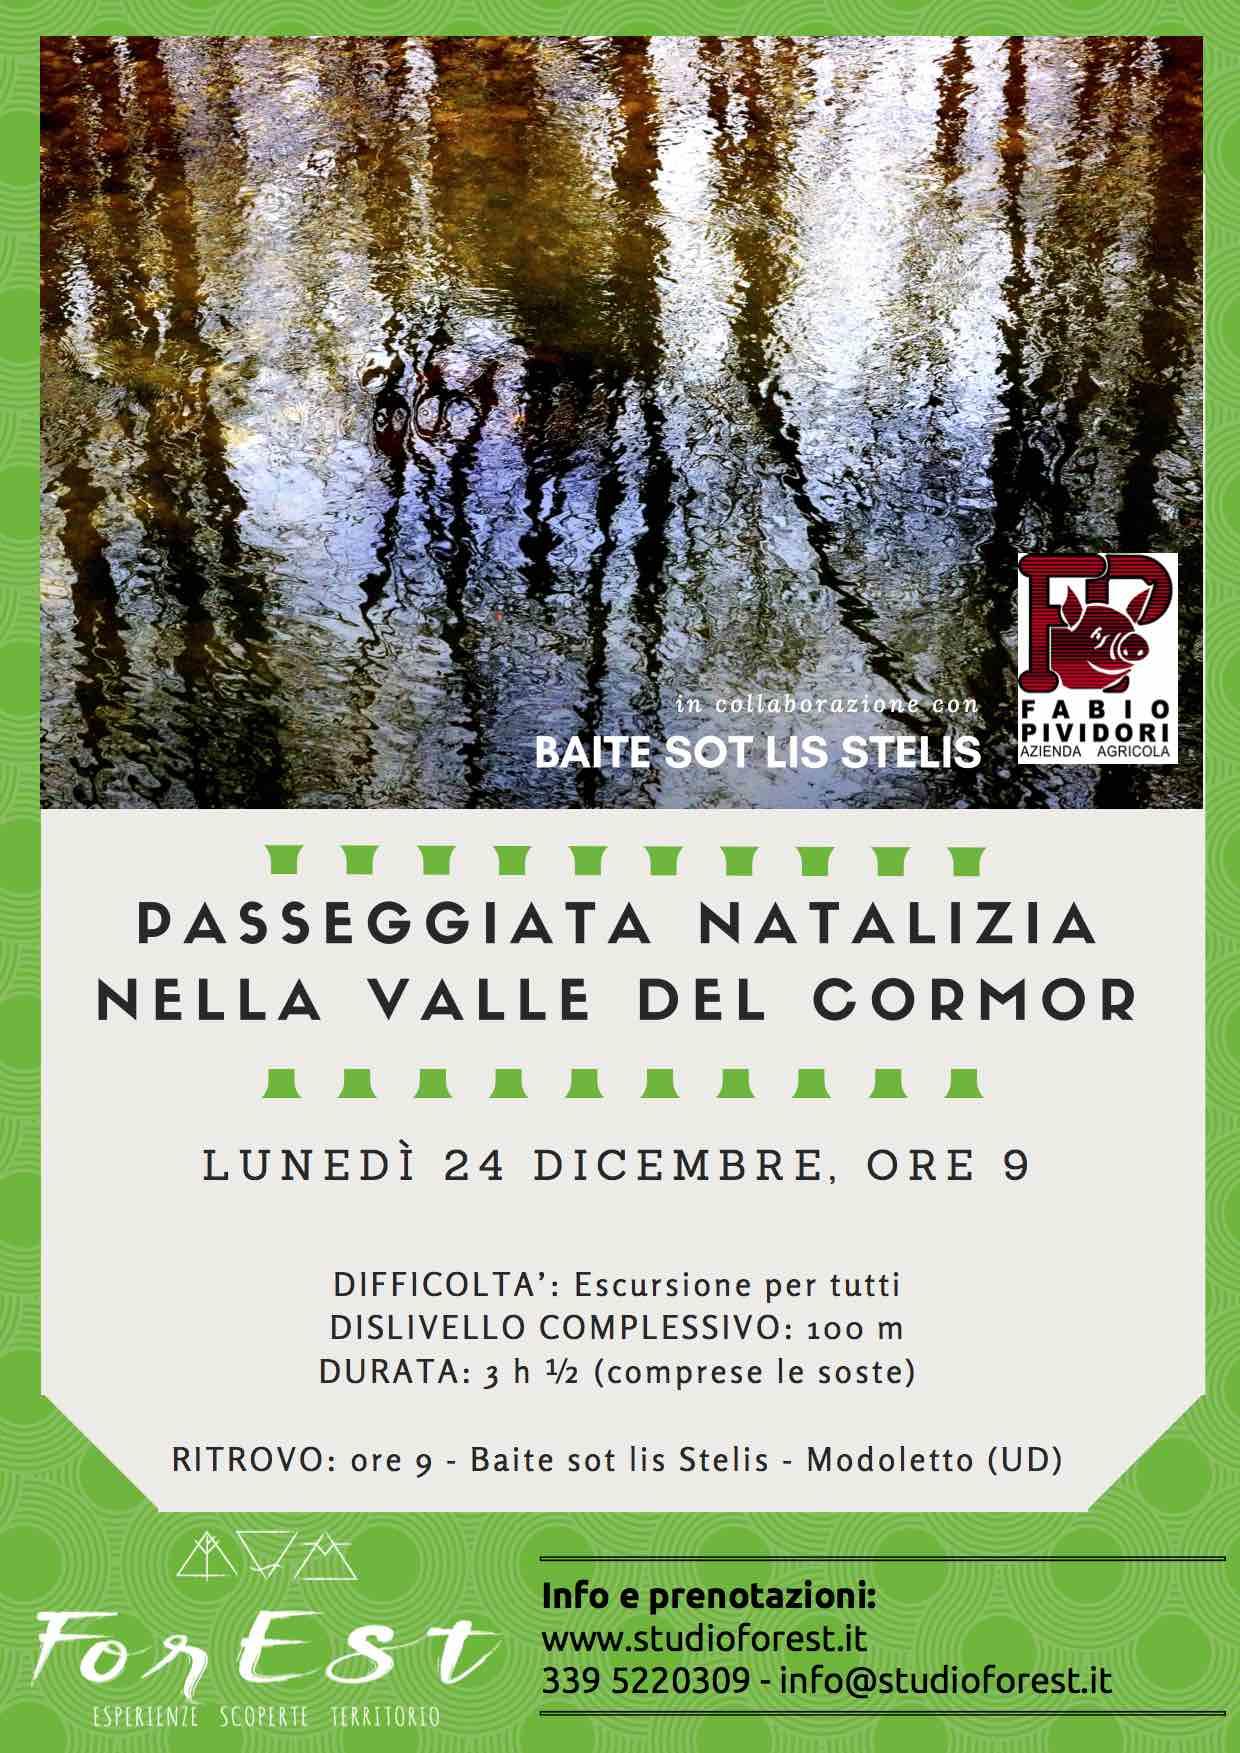 Passeggiata natalizia nella valle del Cormor: 24/12/2018 ore 9:00